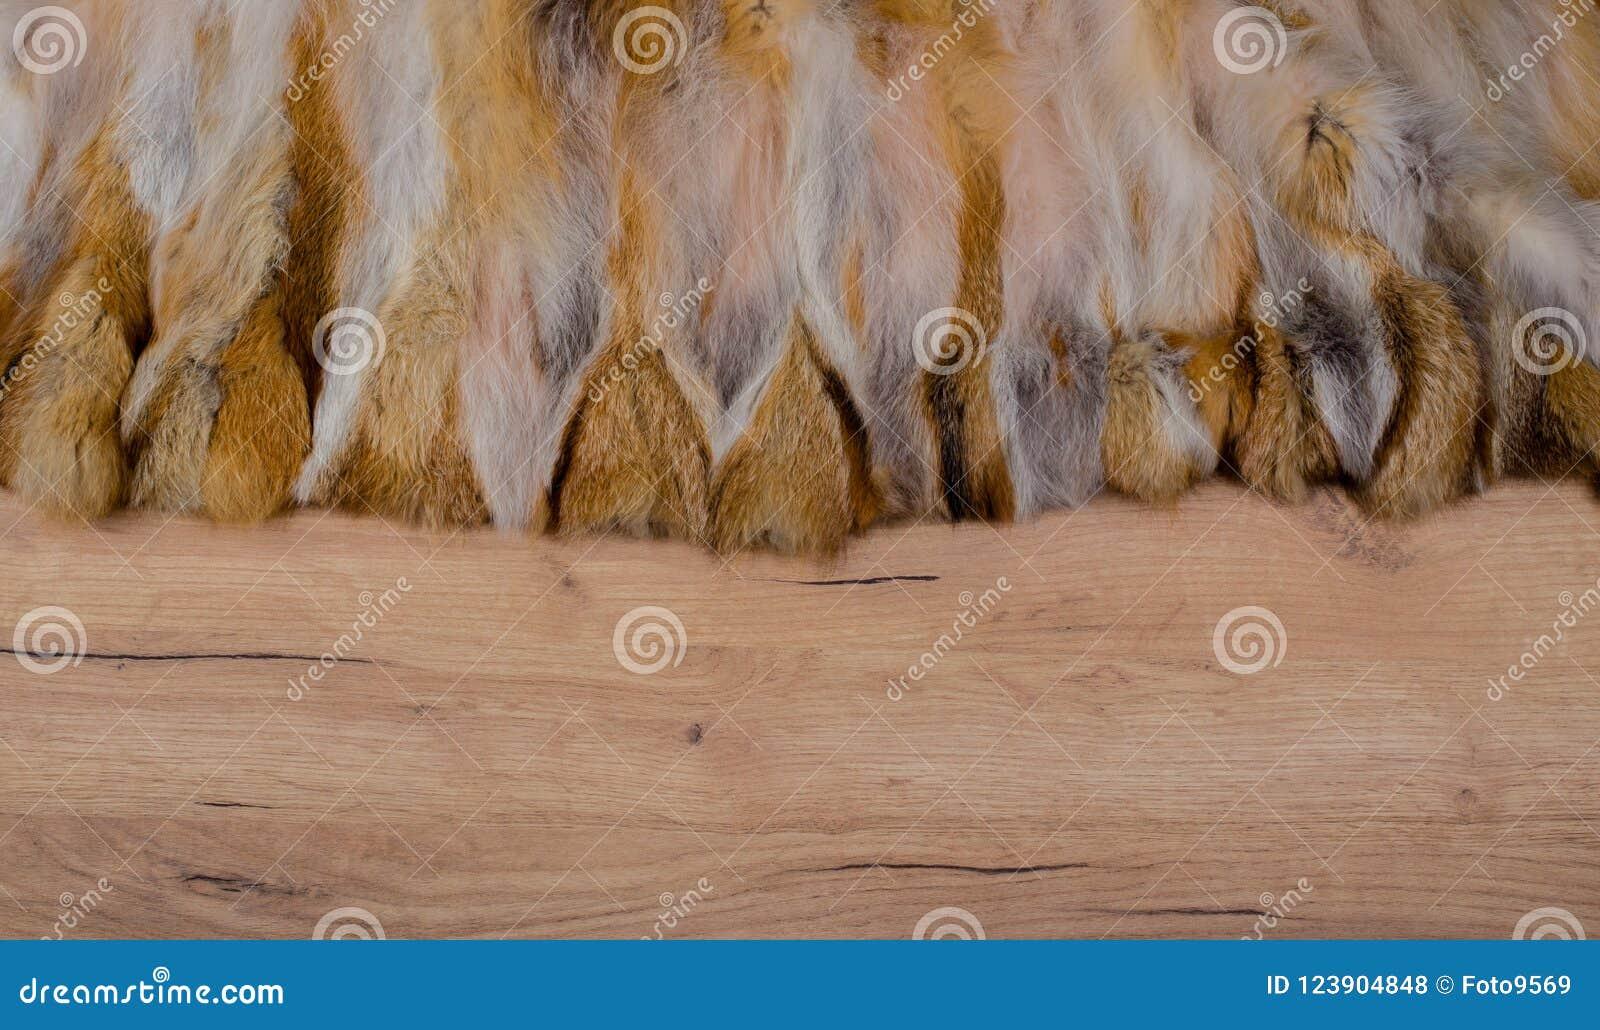 Wood bakgrund med pälskanten som textur och bakgrund för att komponera